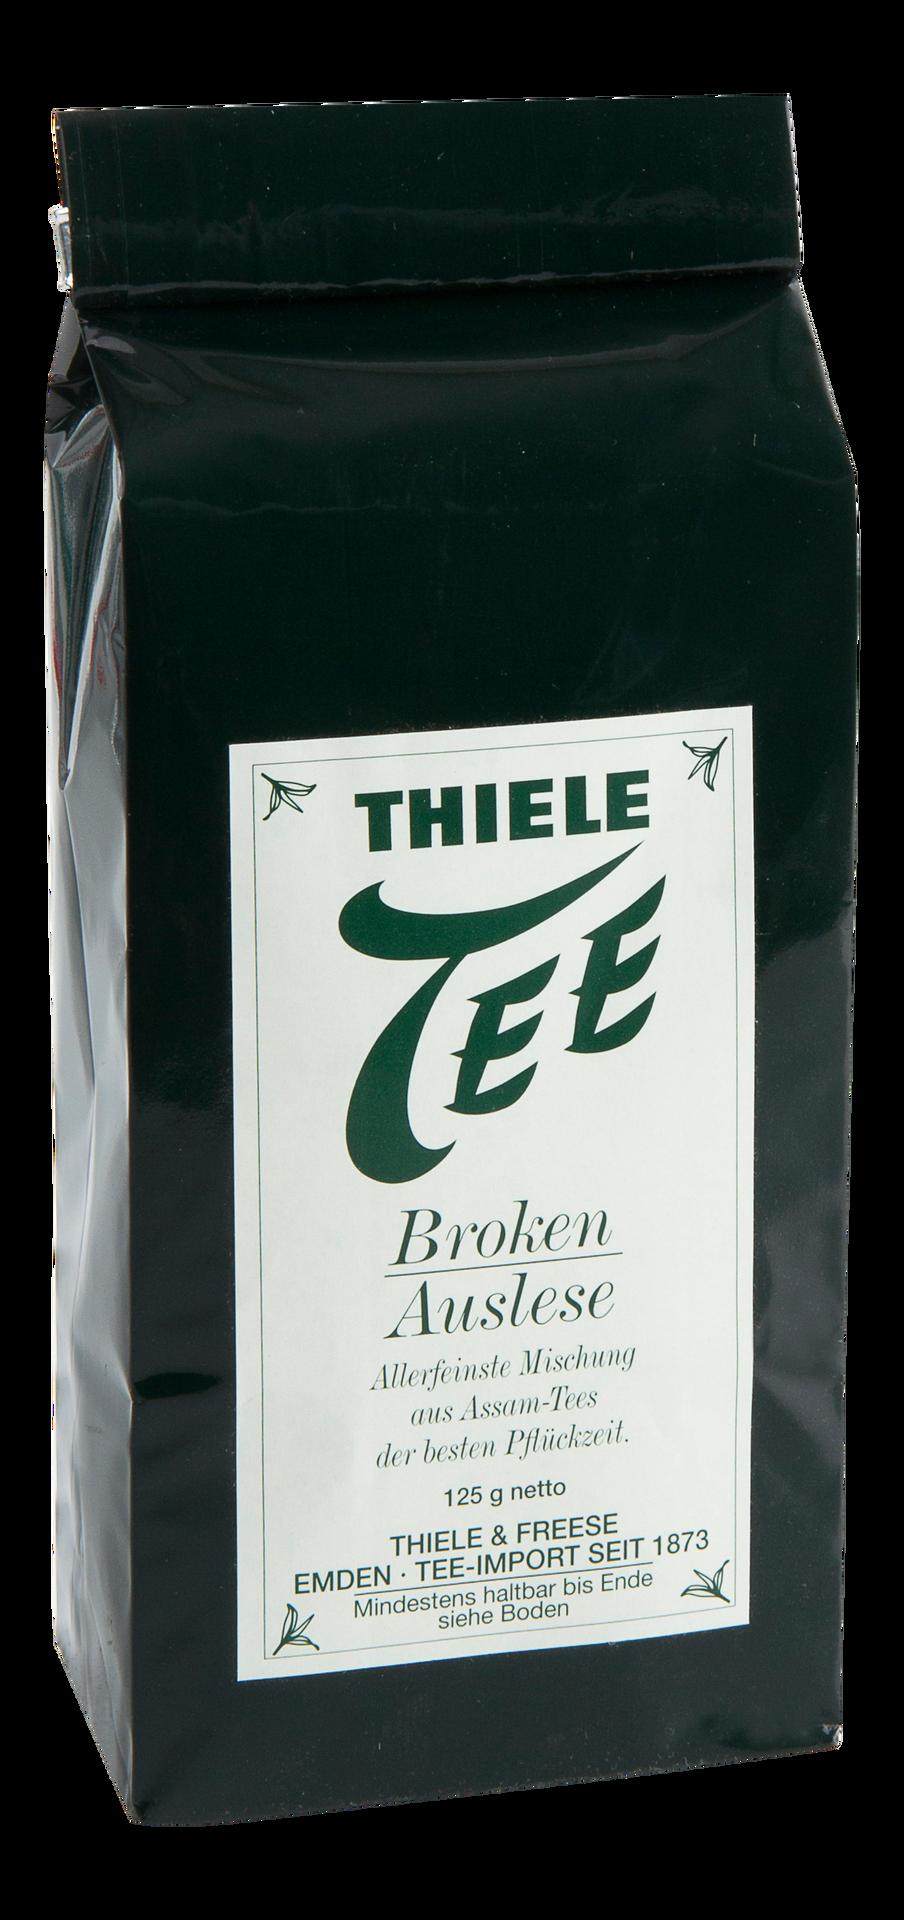 Broken Auslese 125g